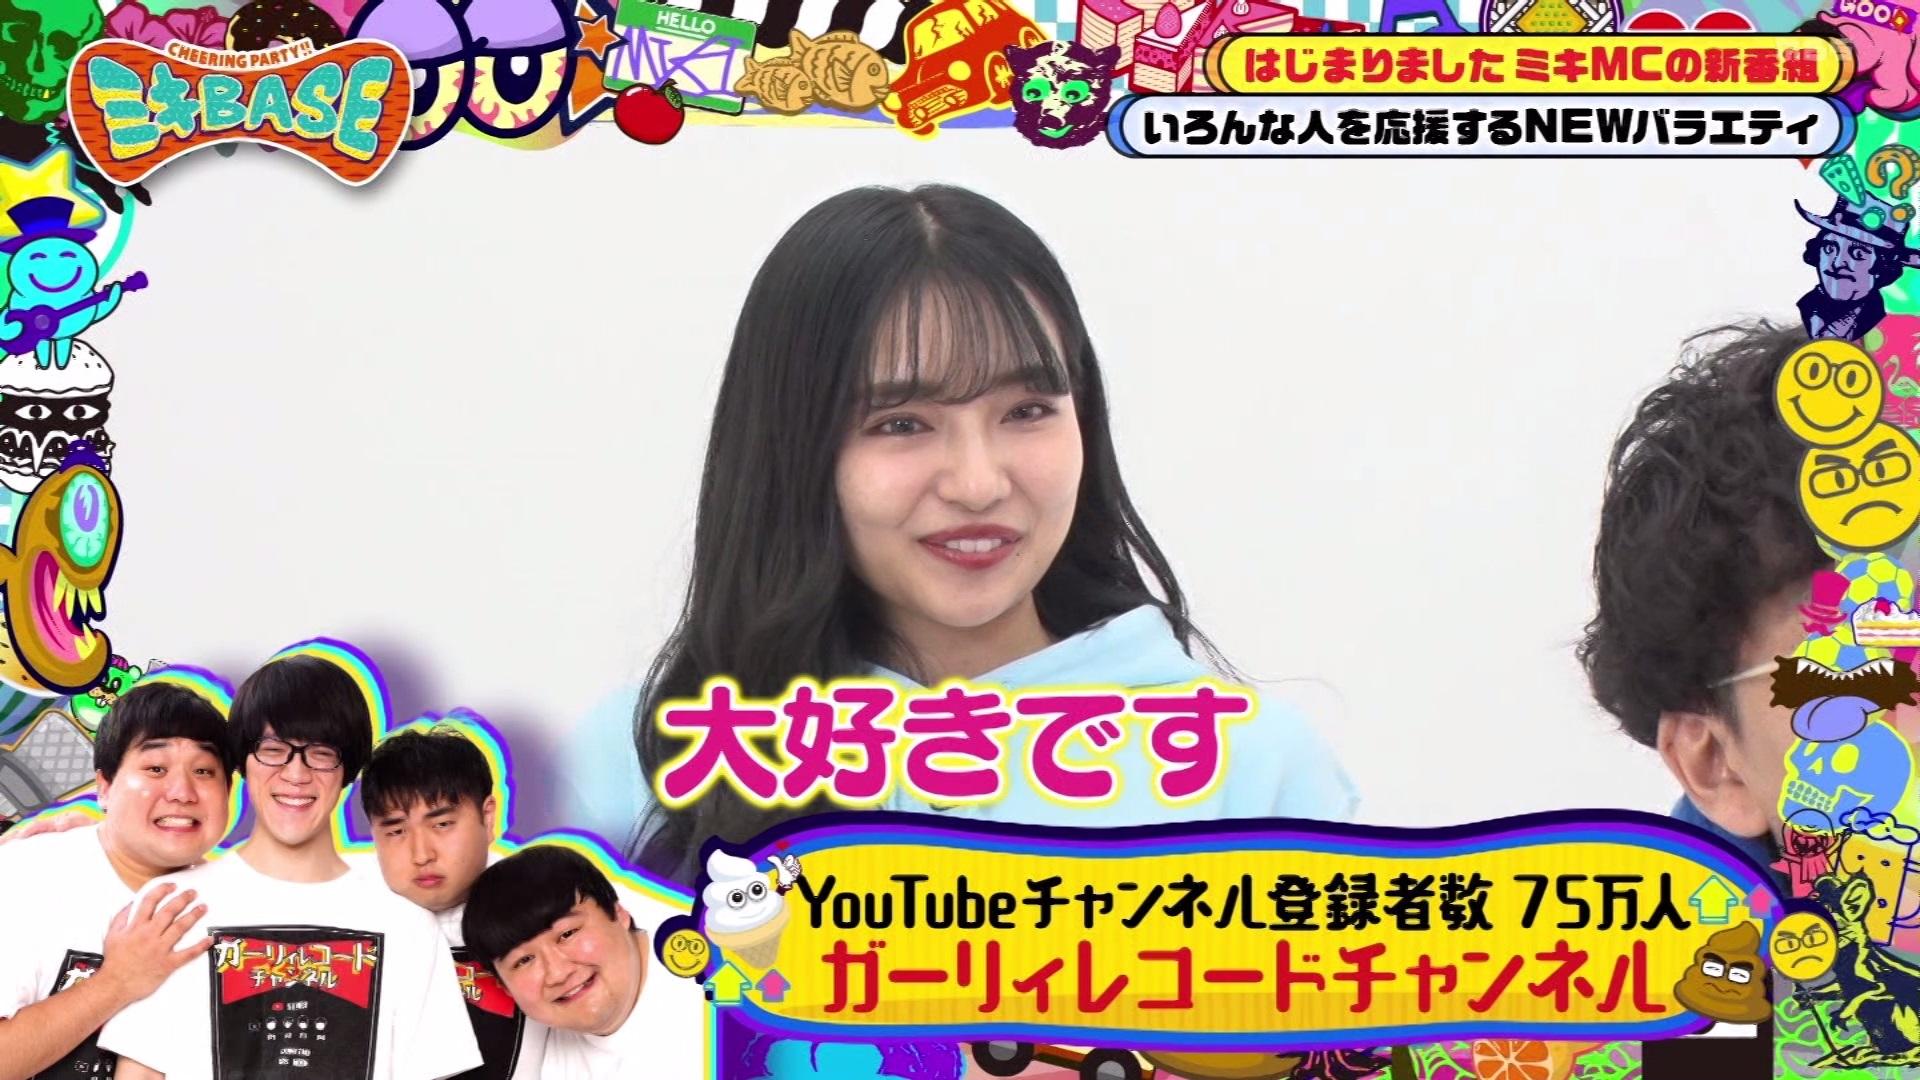 【村瀬紗英】さえぴぃ出演 4月8日放送「ミキBASE」#2の画像